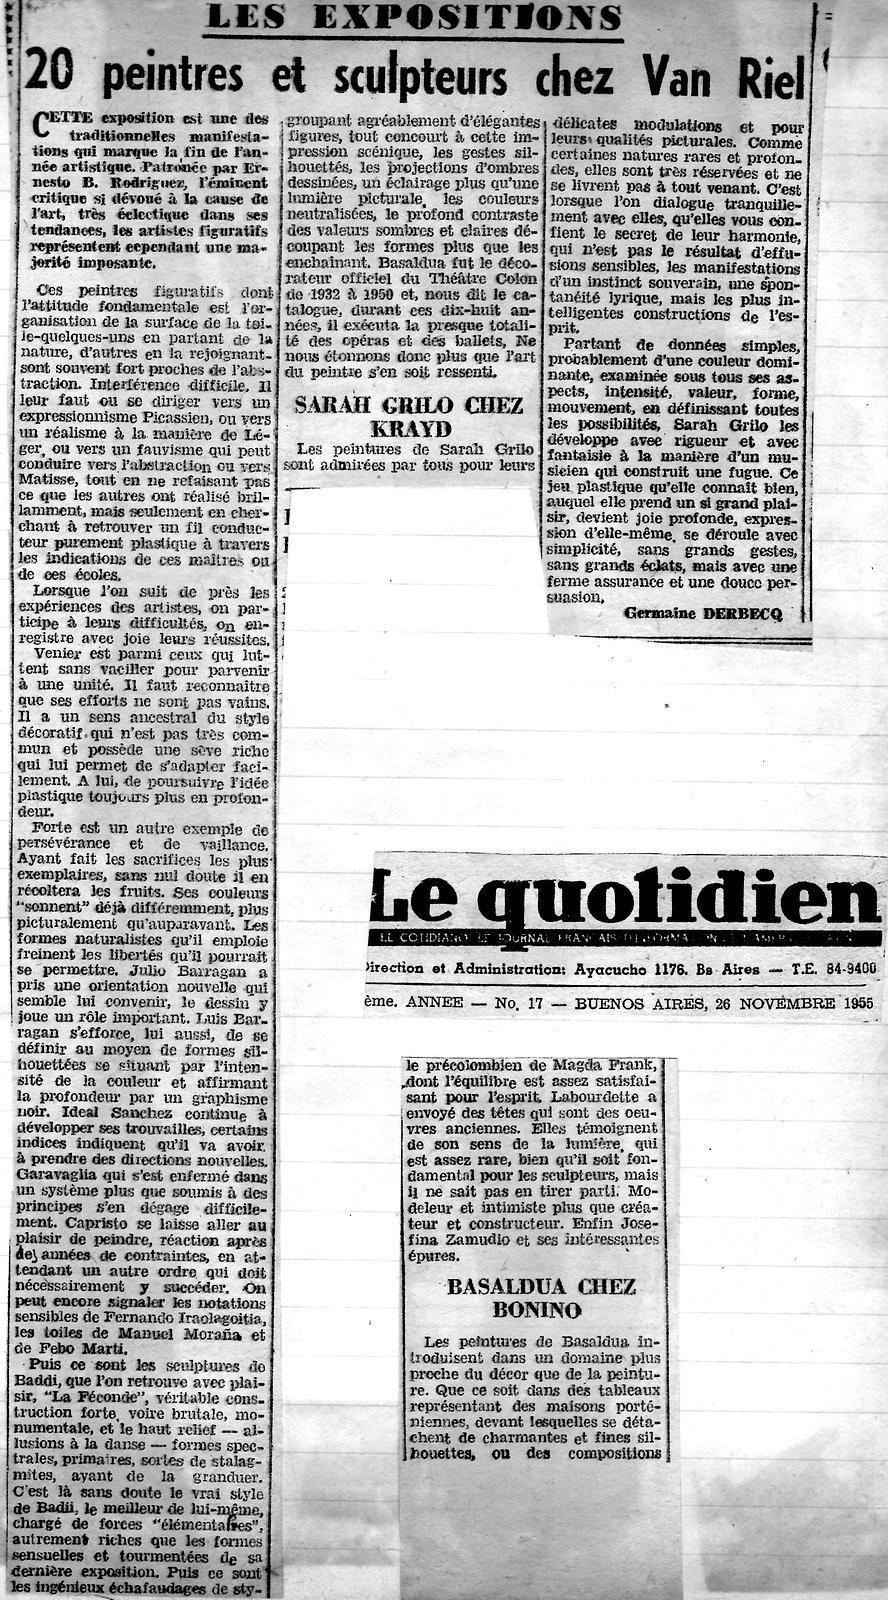 Le Quotidien2 (20 peintres).jpg